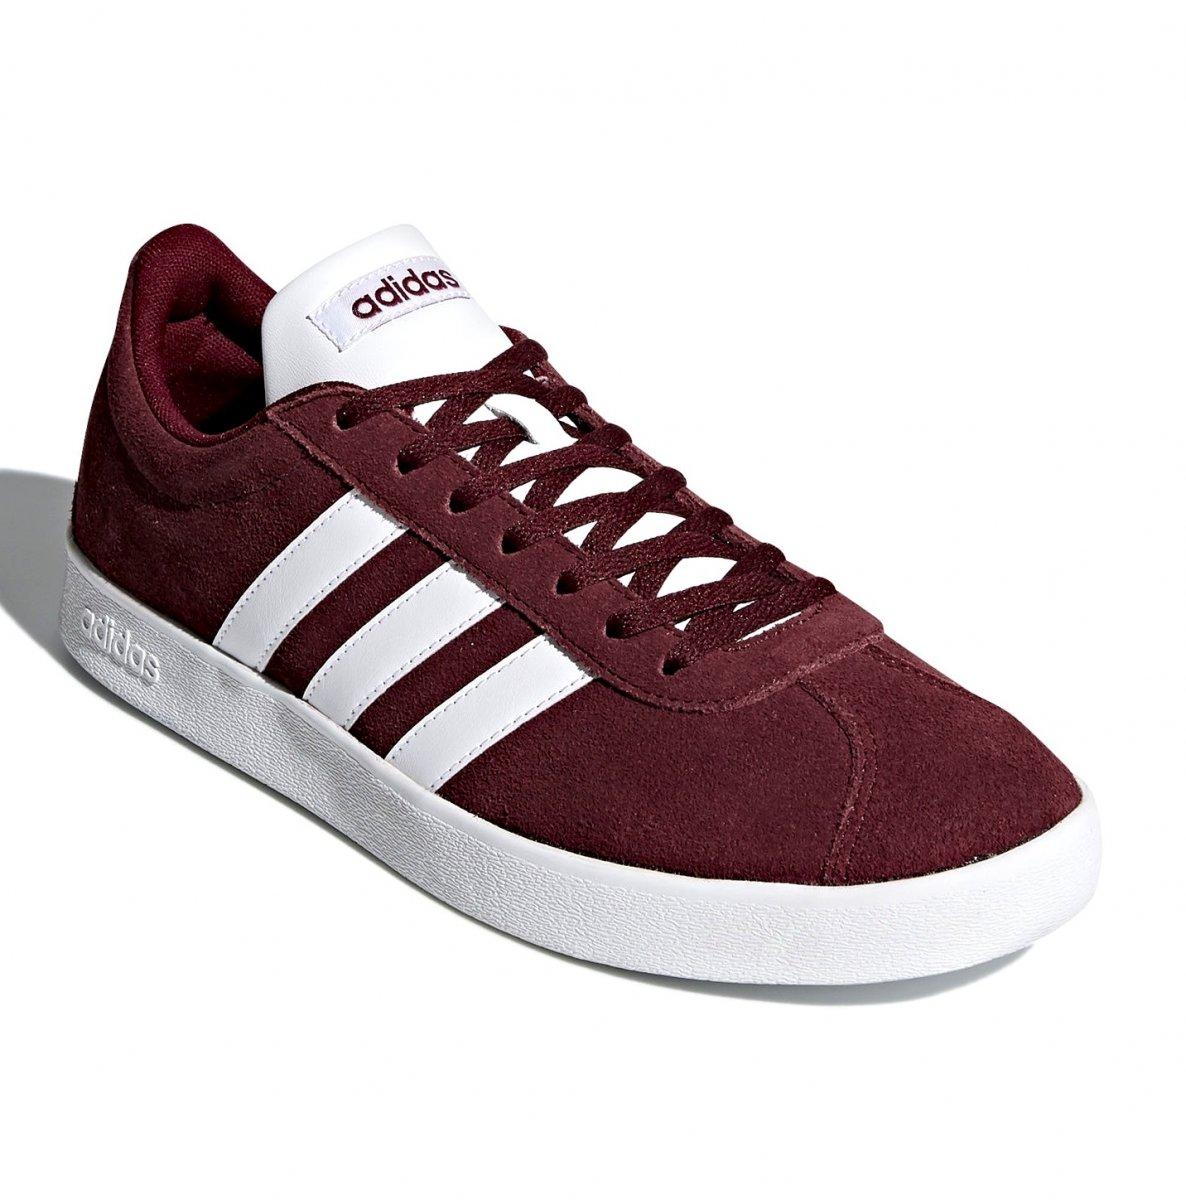 48e24e224a2 Tênis Masculino Adidas VL Court 2.0 DA9855 - Burgundy - Botas Online ...